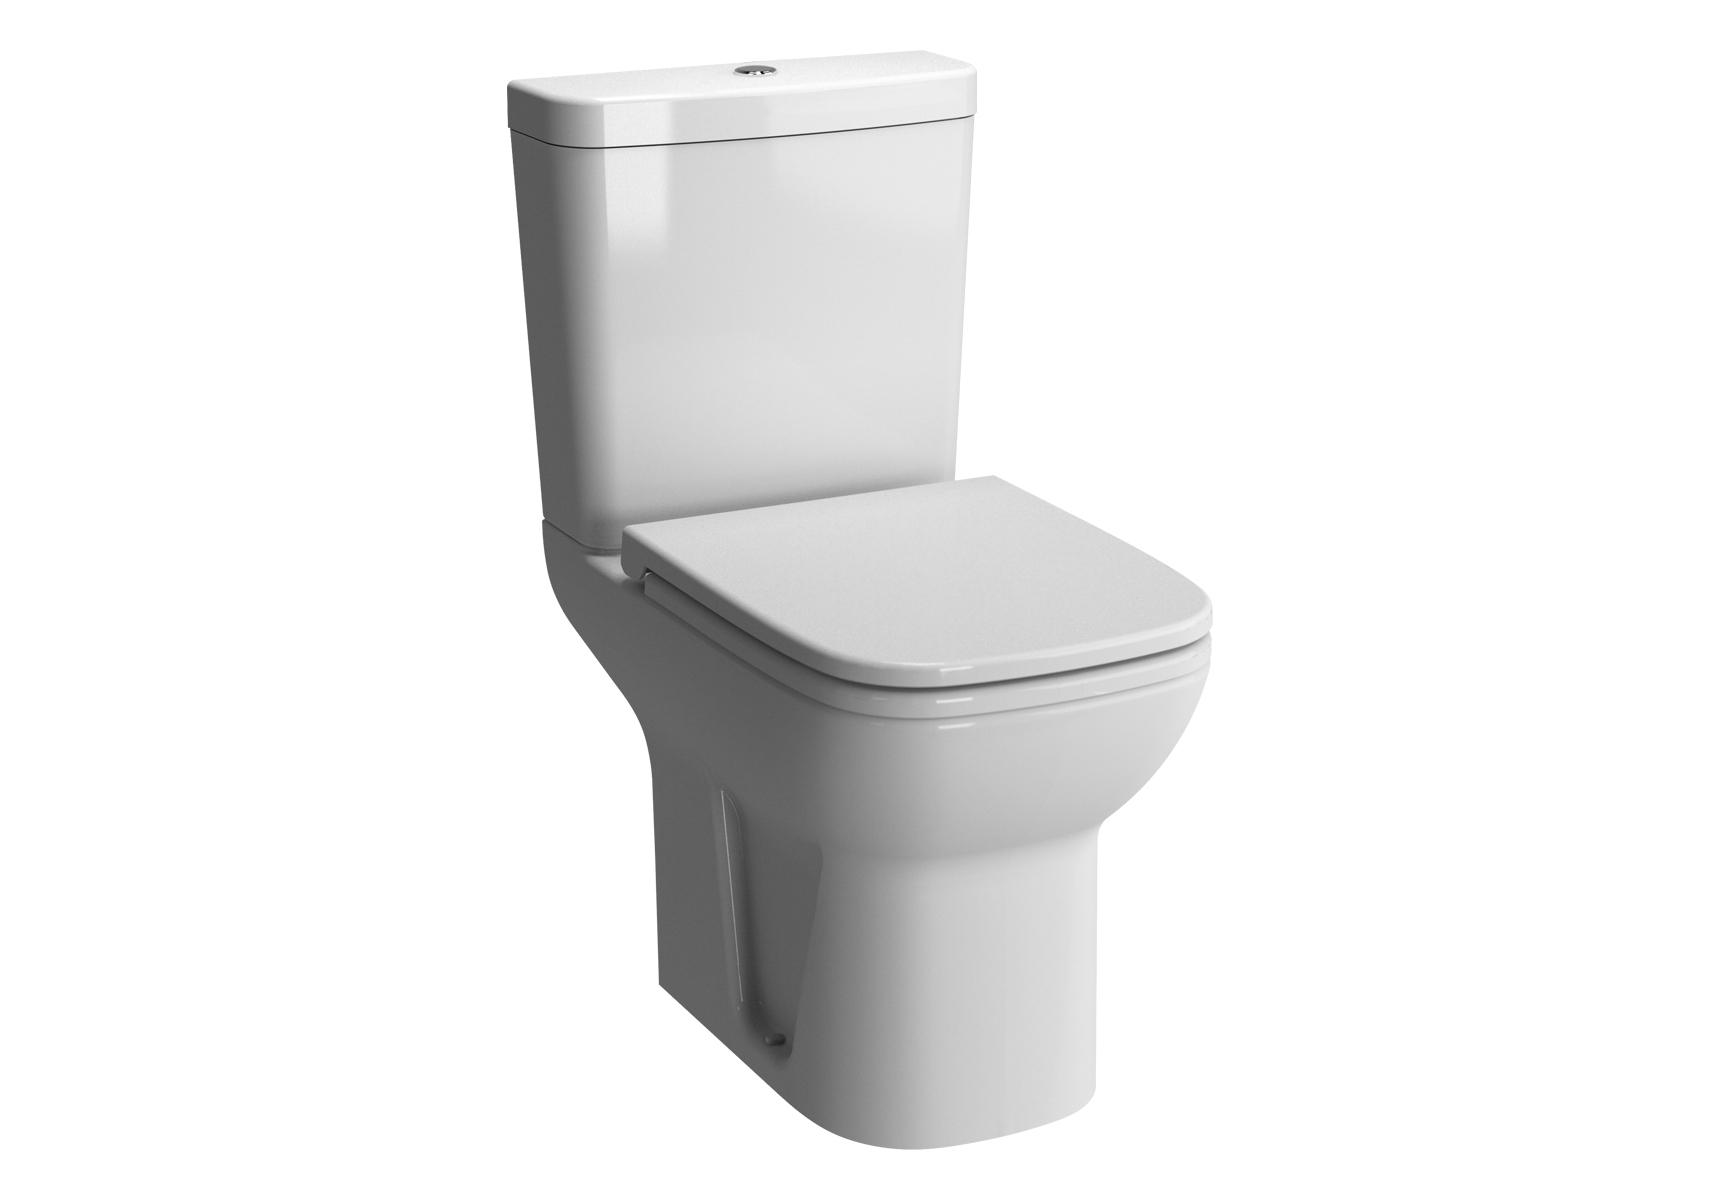 S20 WC à poser avec bride, 61,5 cm, avec 4 points d'ancrage, blanc